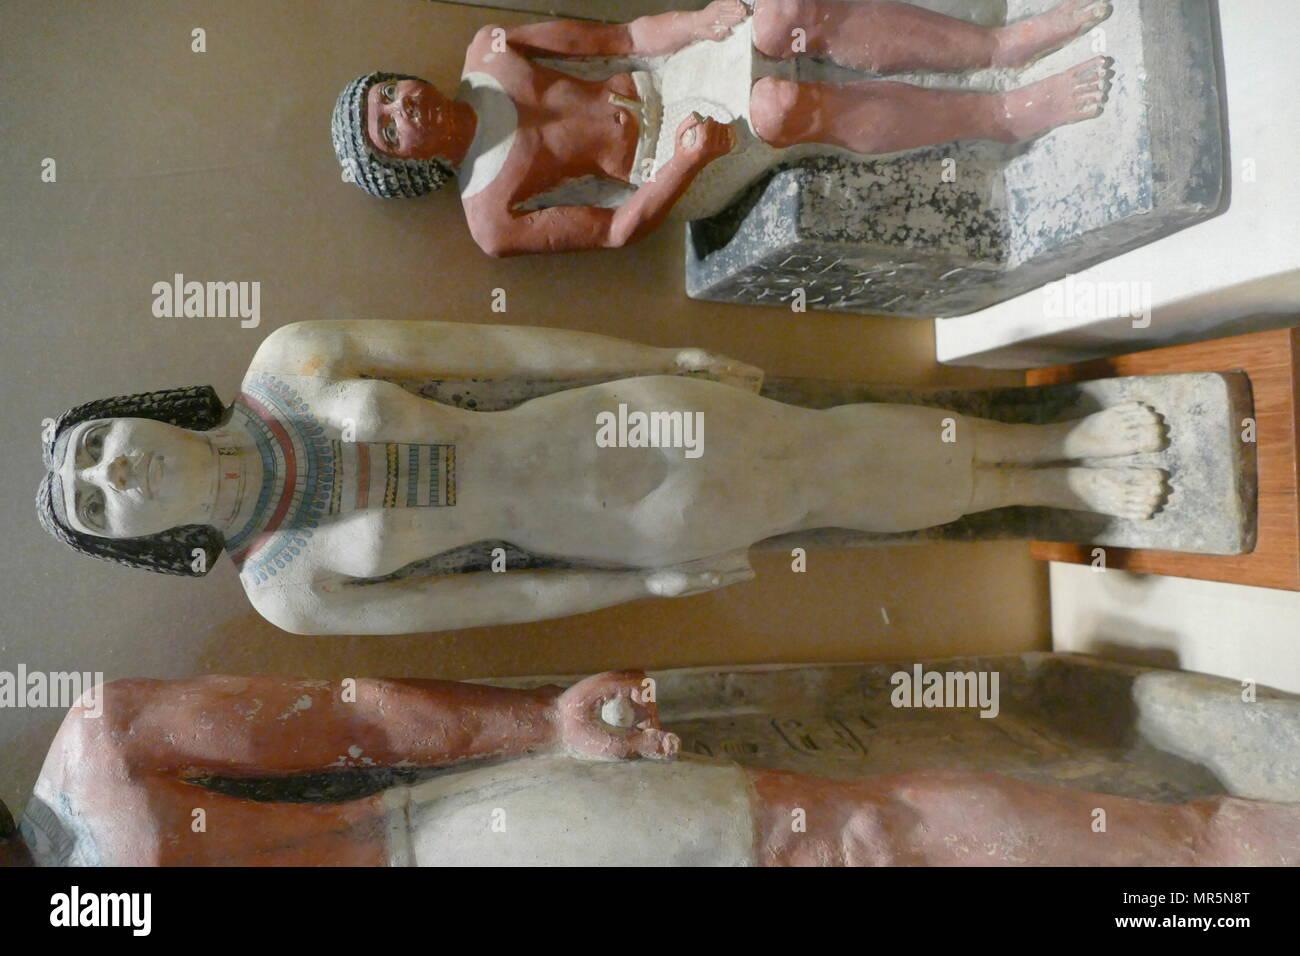 La figura de piedra caliza pintada, Sexta Dinastía del antiguo Egipto; el antiguo reino de Egipto dinástica. Foto de stock